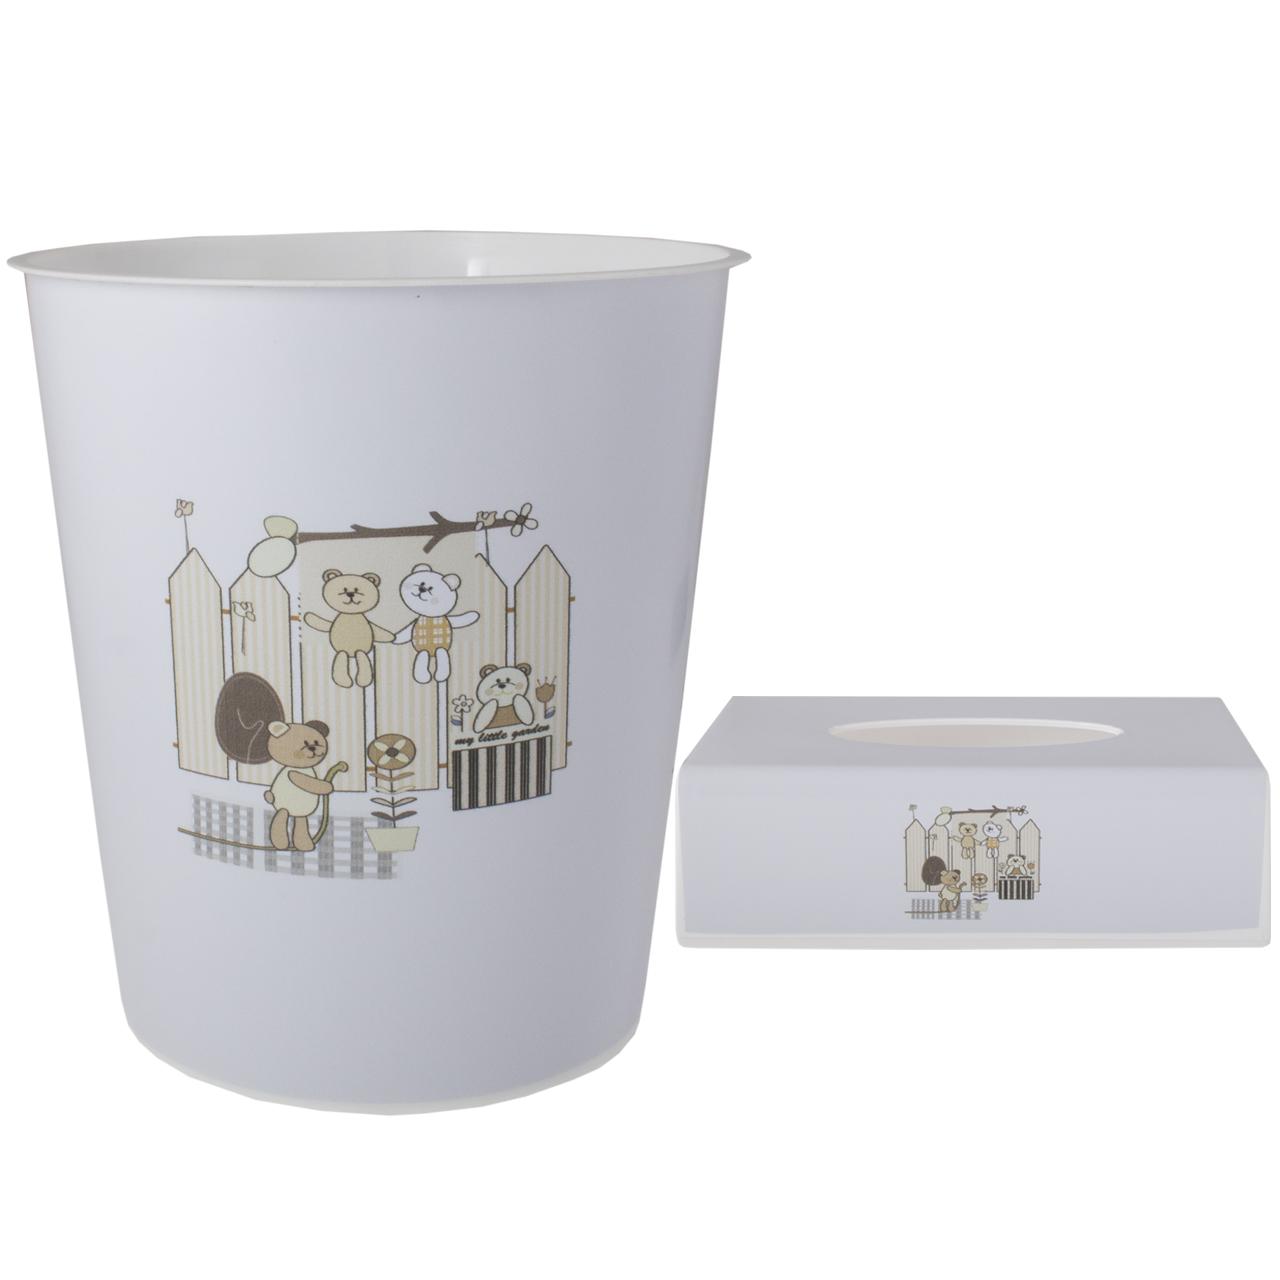 ست سطل و جادستمال اتاق کودک طرح خرس کد 1181